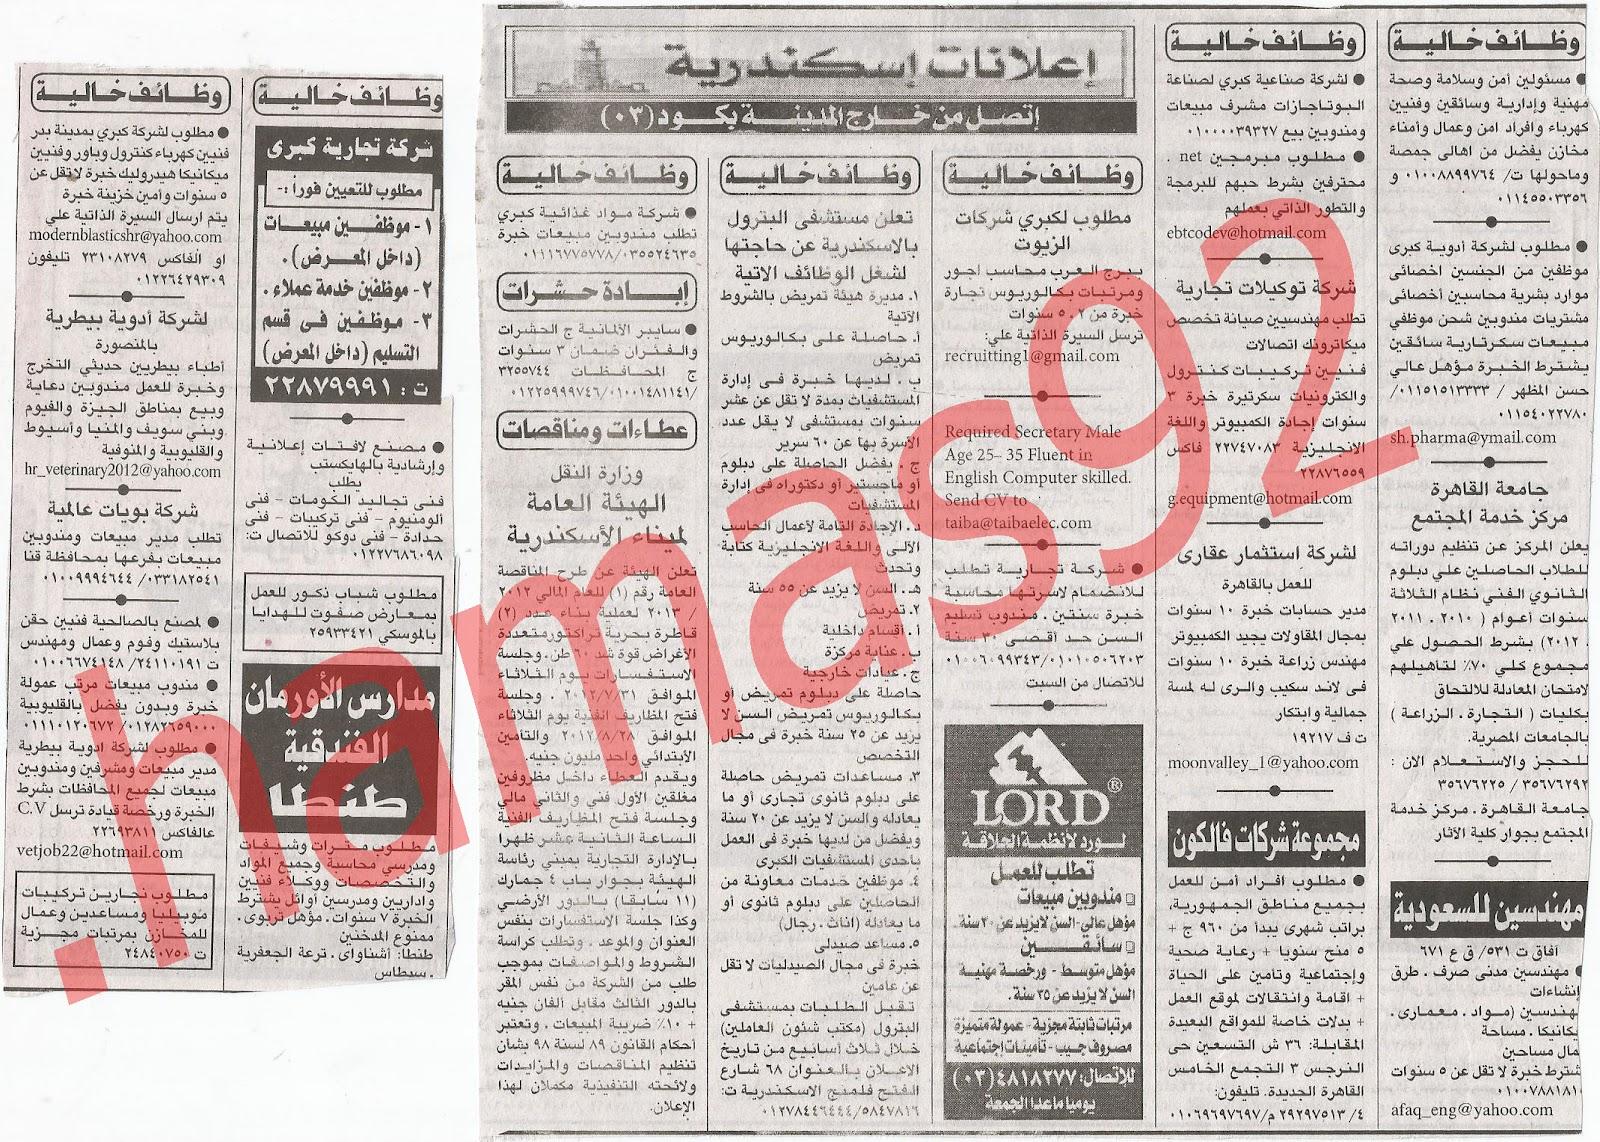 اعلانات وظائف جريدة الاهرام الجمعة 13/7/2012 كاملة - الاهرام الاسبوعى 9